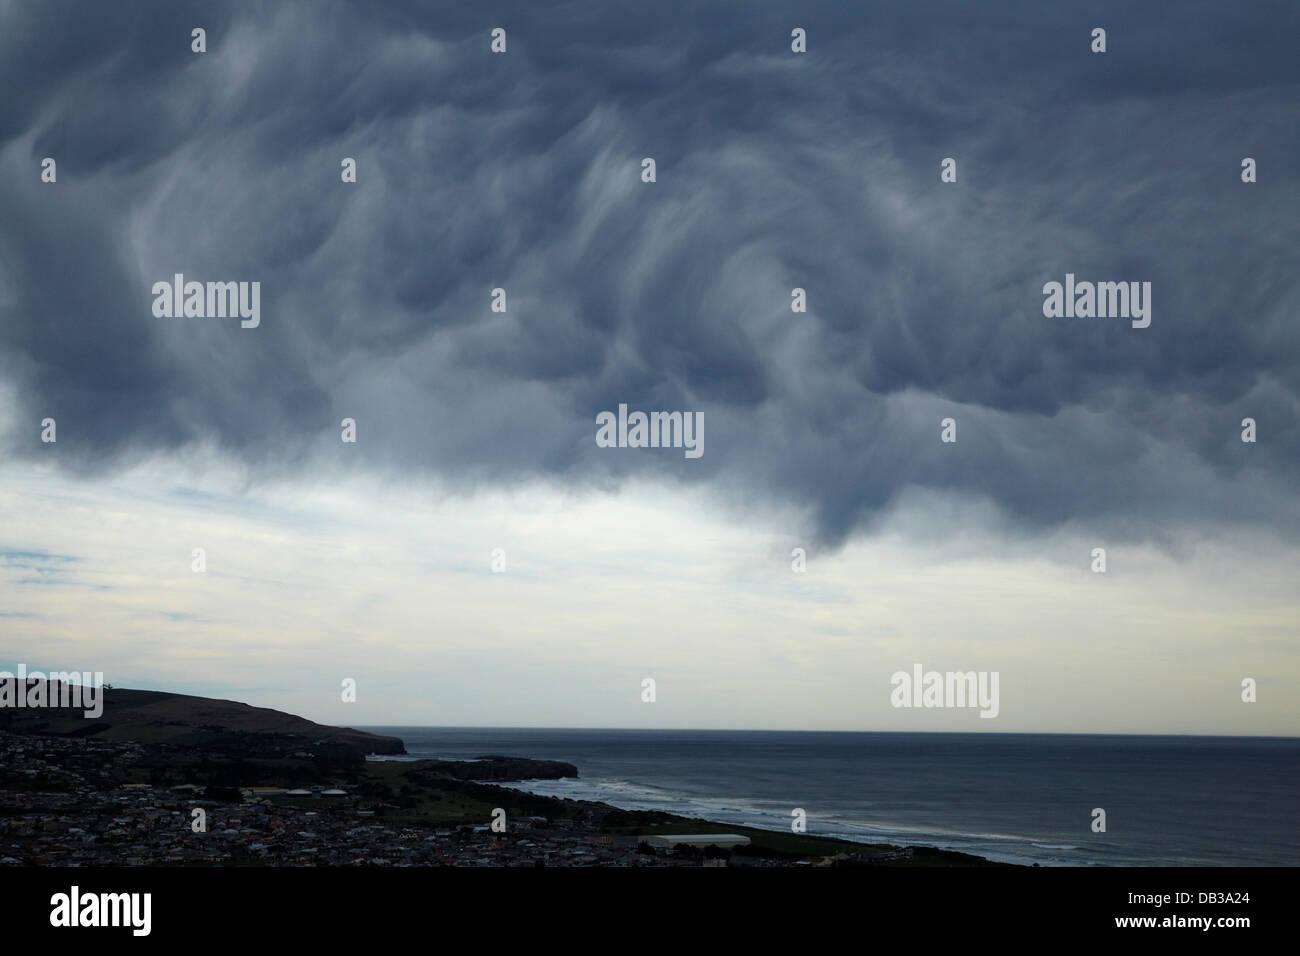 Insolito nuvole temporalesche a laminazione su St Kilda Beach, Dunedin, Otago, Isola del Sud, Nuova Zelanda Immagini Stock